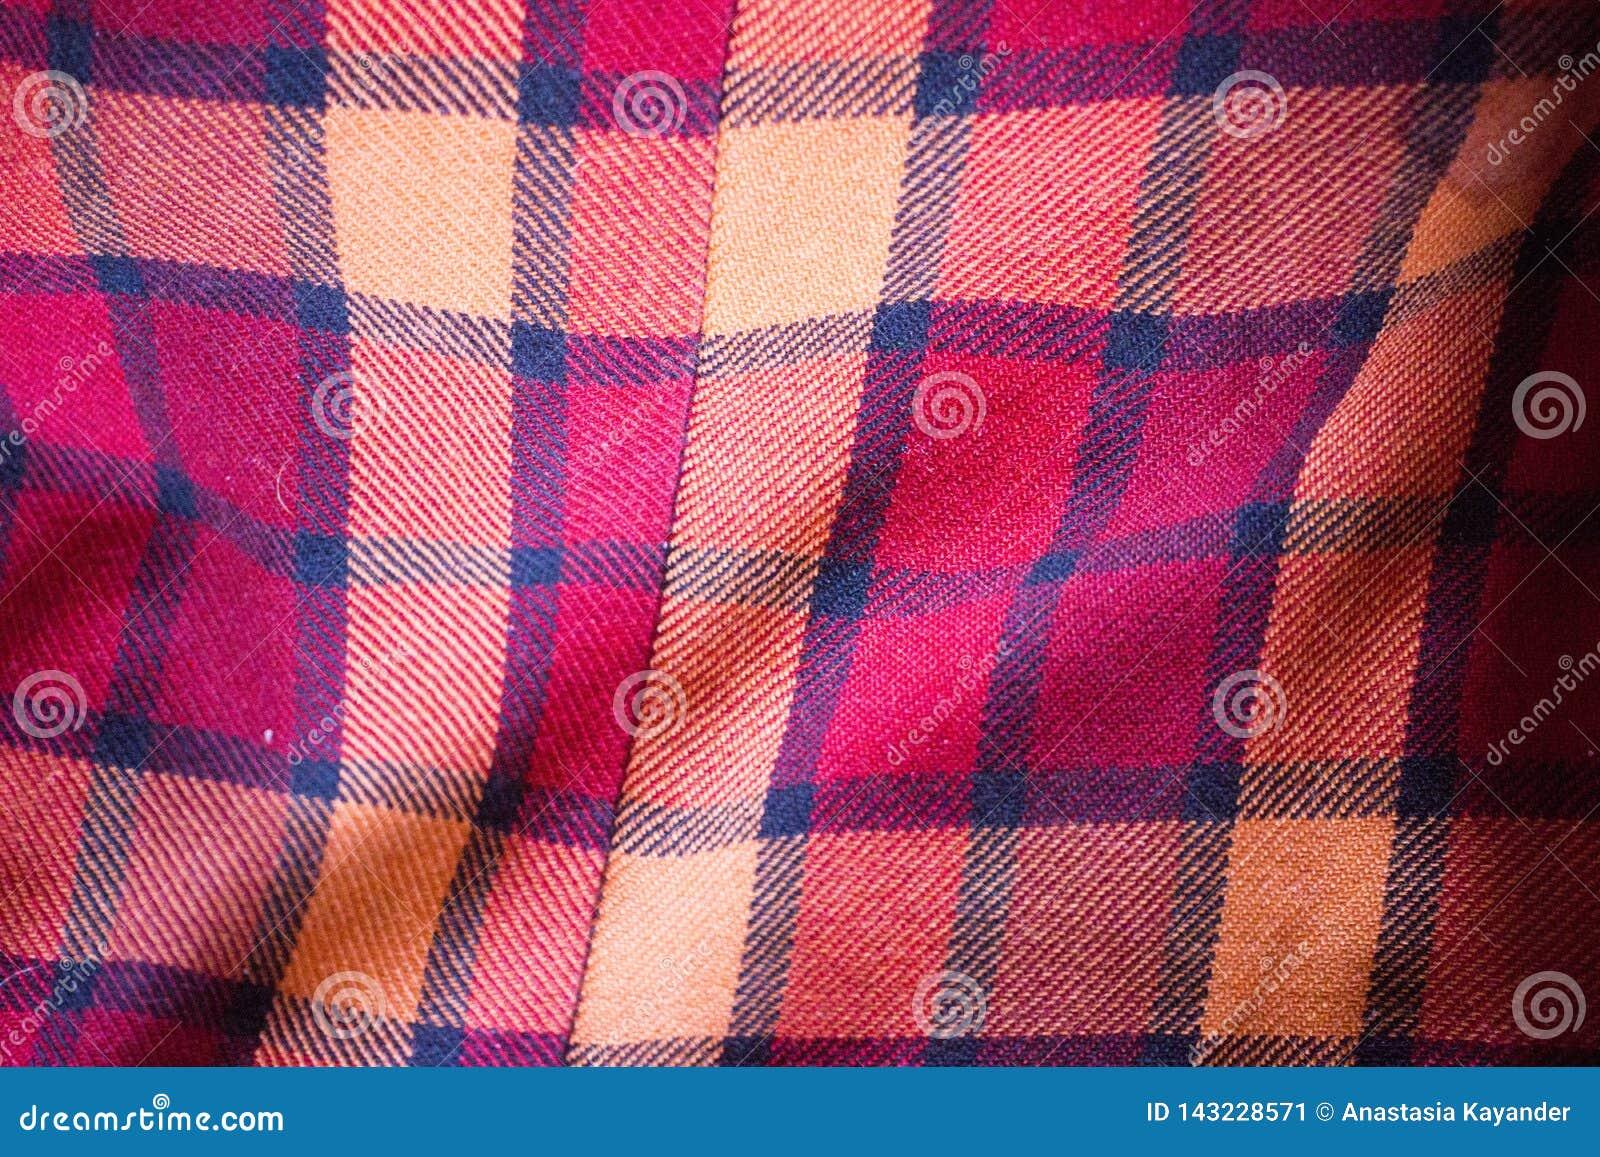 红色羊毛格子花呢披肩织品的纹理